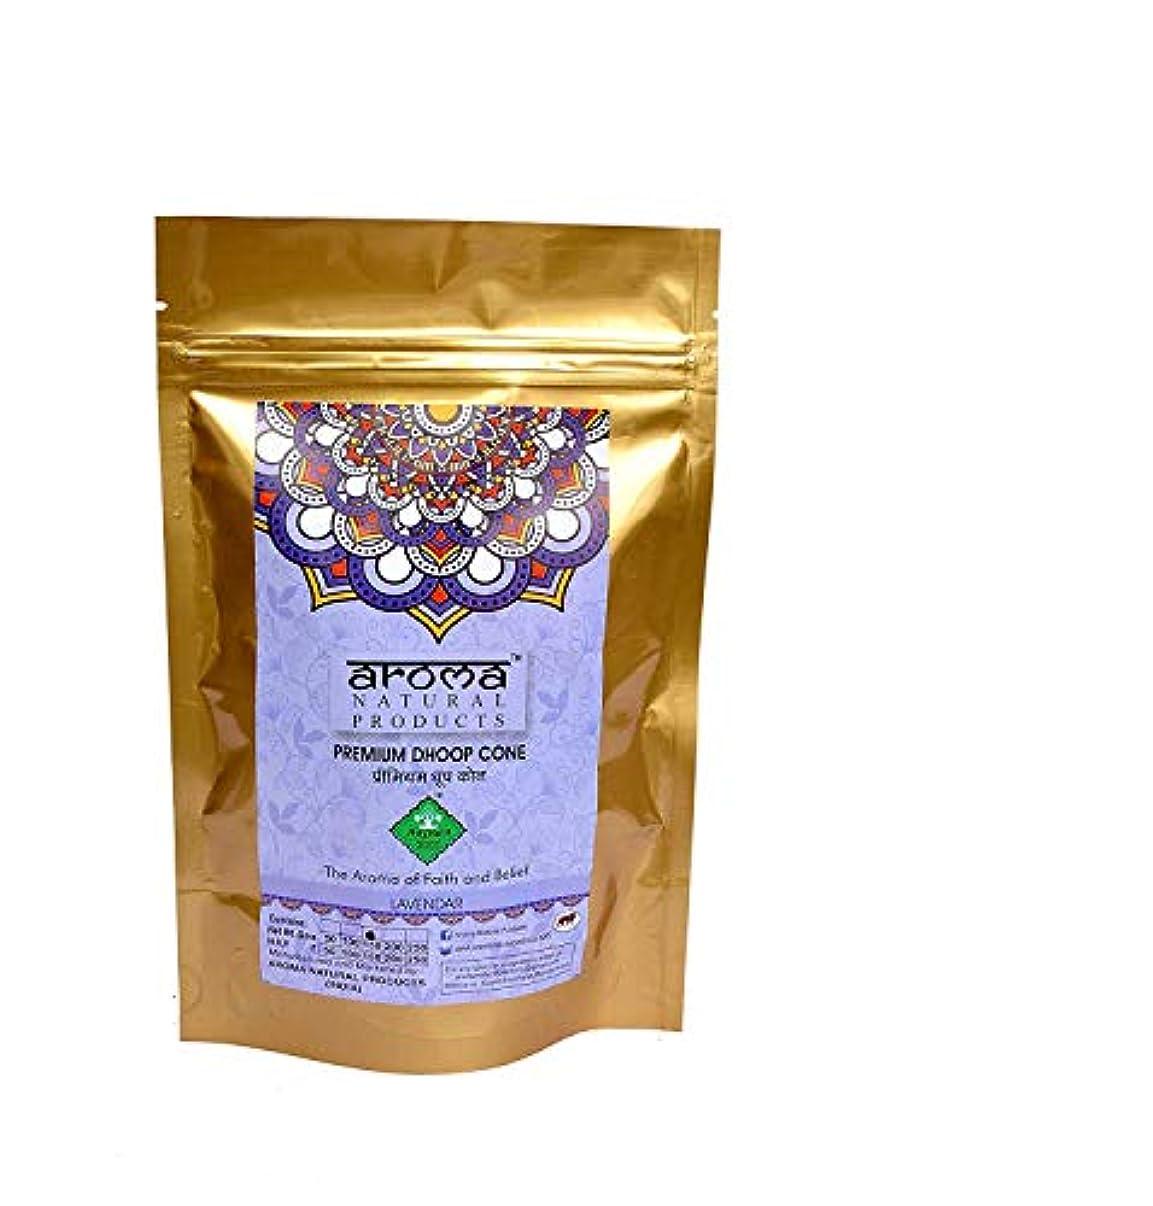 肺炎作詞家うそつきDHOOP Cone Lavender 150 GMS AROMA NATURAL PRODUCTS